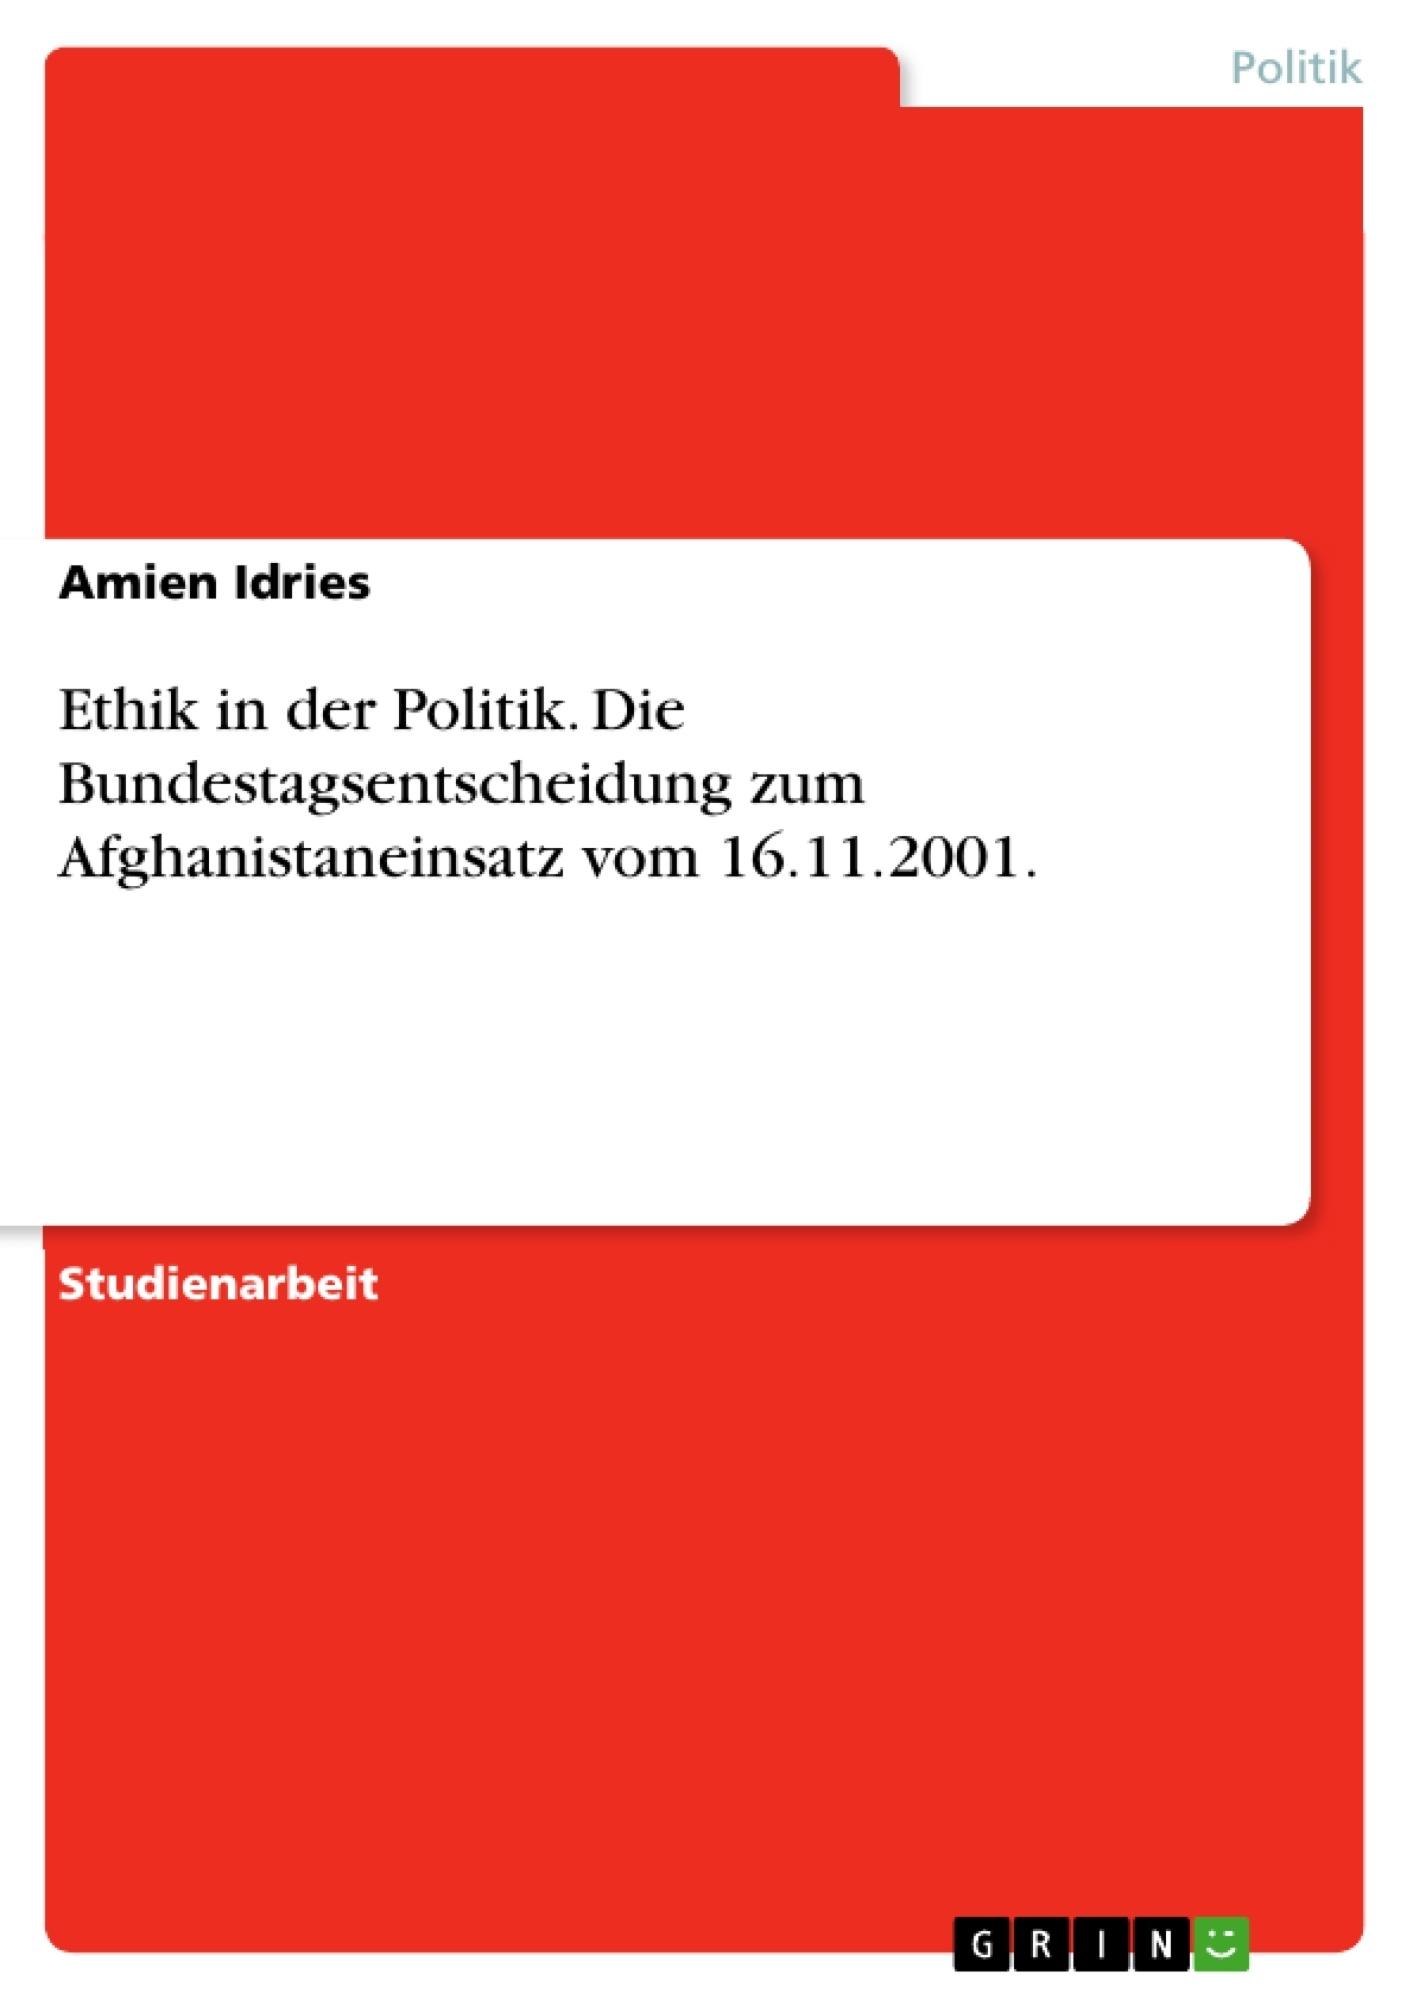 Titel: Ethik in der Politik. Die Bundestagsentscheidung zum Afghanistaneinsatz vom 16.11.2001.